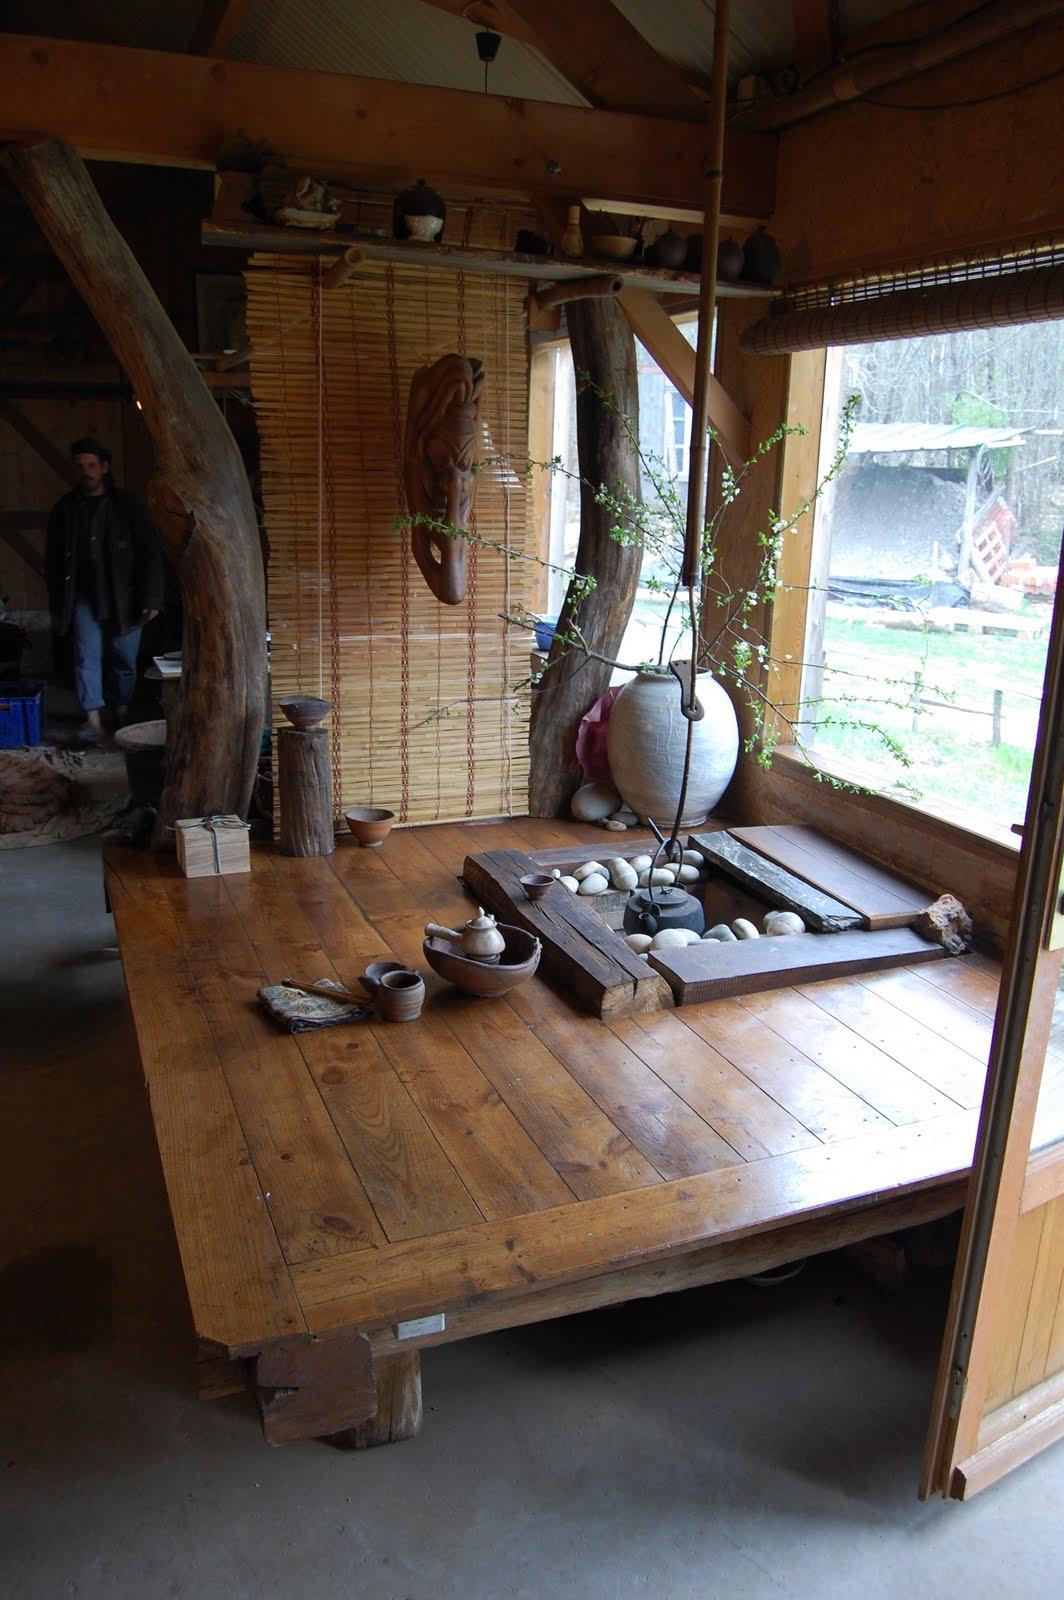 イングランド南西端コーンウォールに住む陶芸家の自宅の和風のたたきと小上がりと囲炉裏